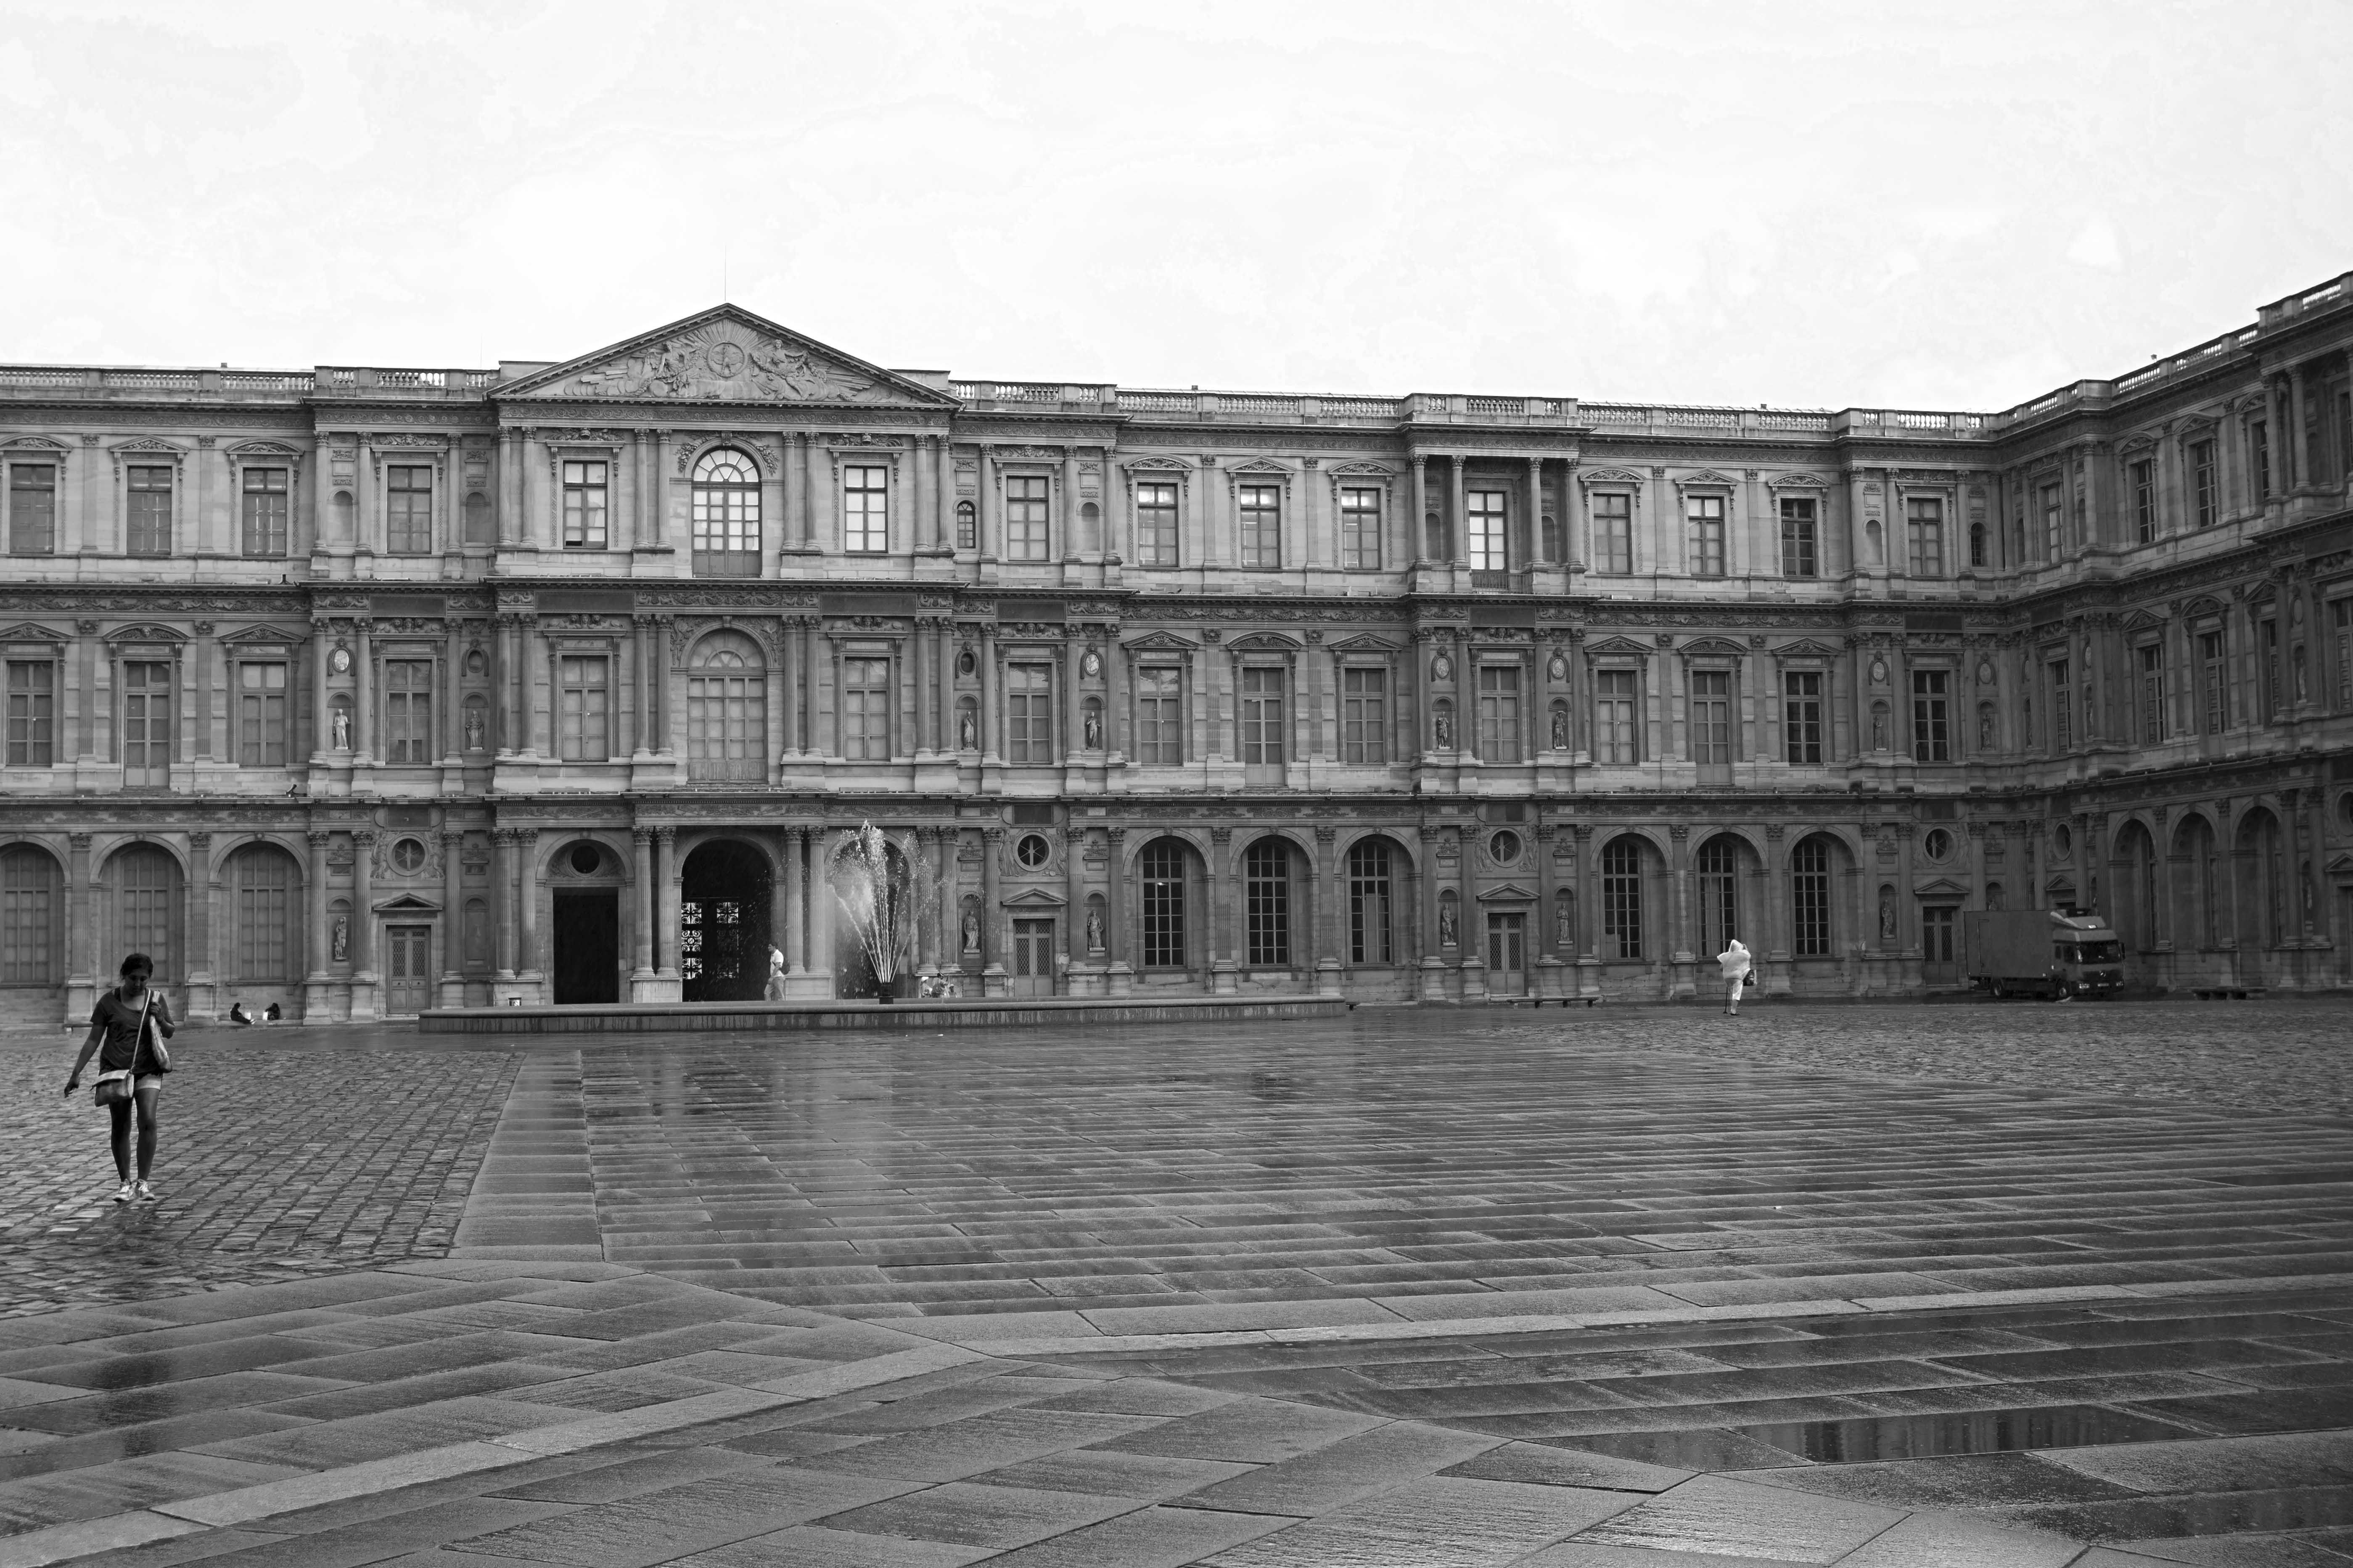 The Lourve, Paris City Buildings